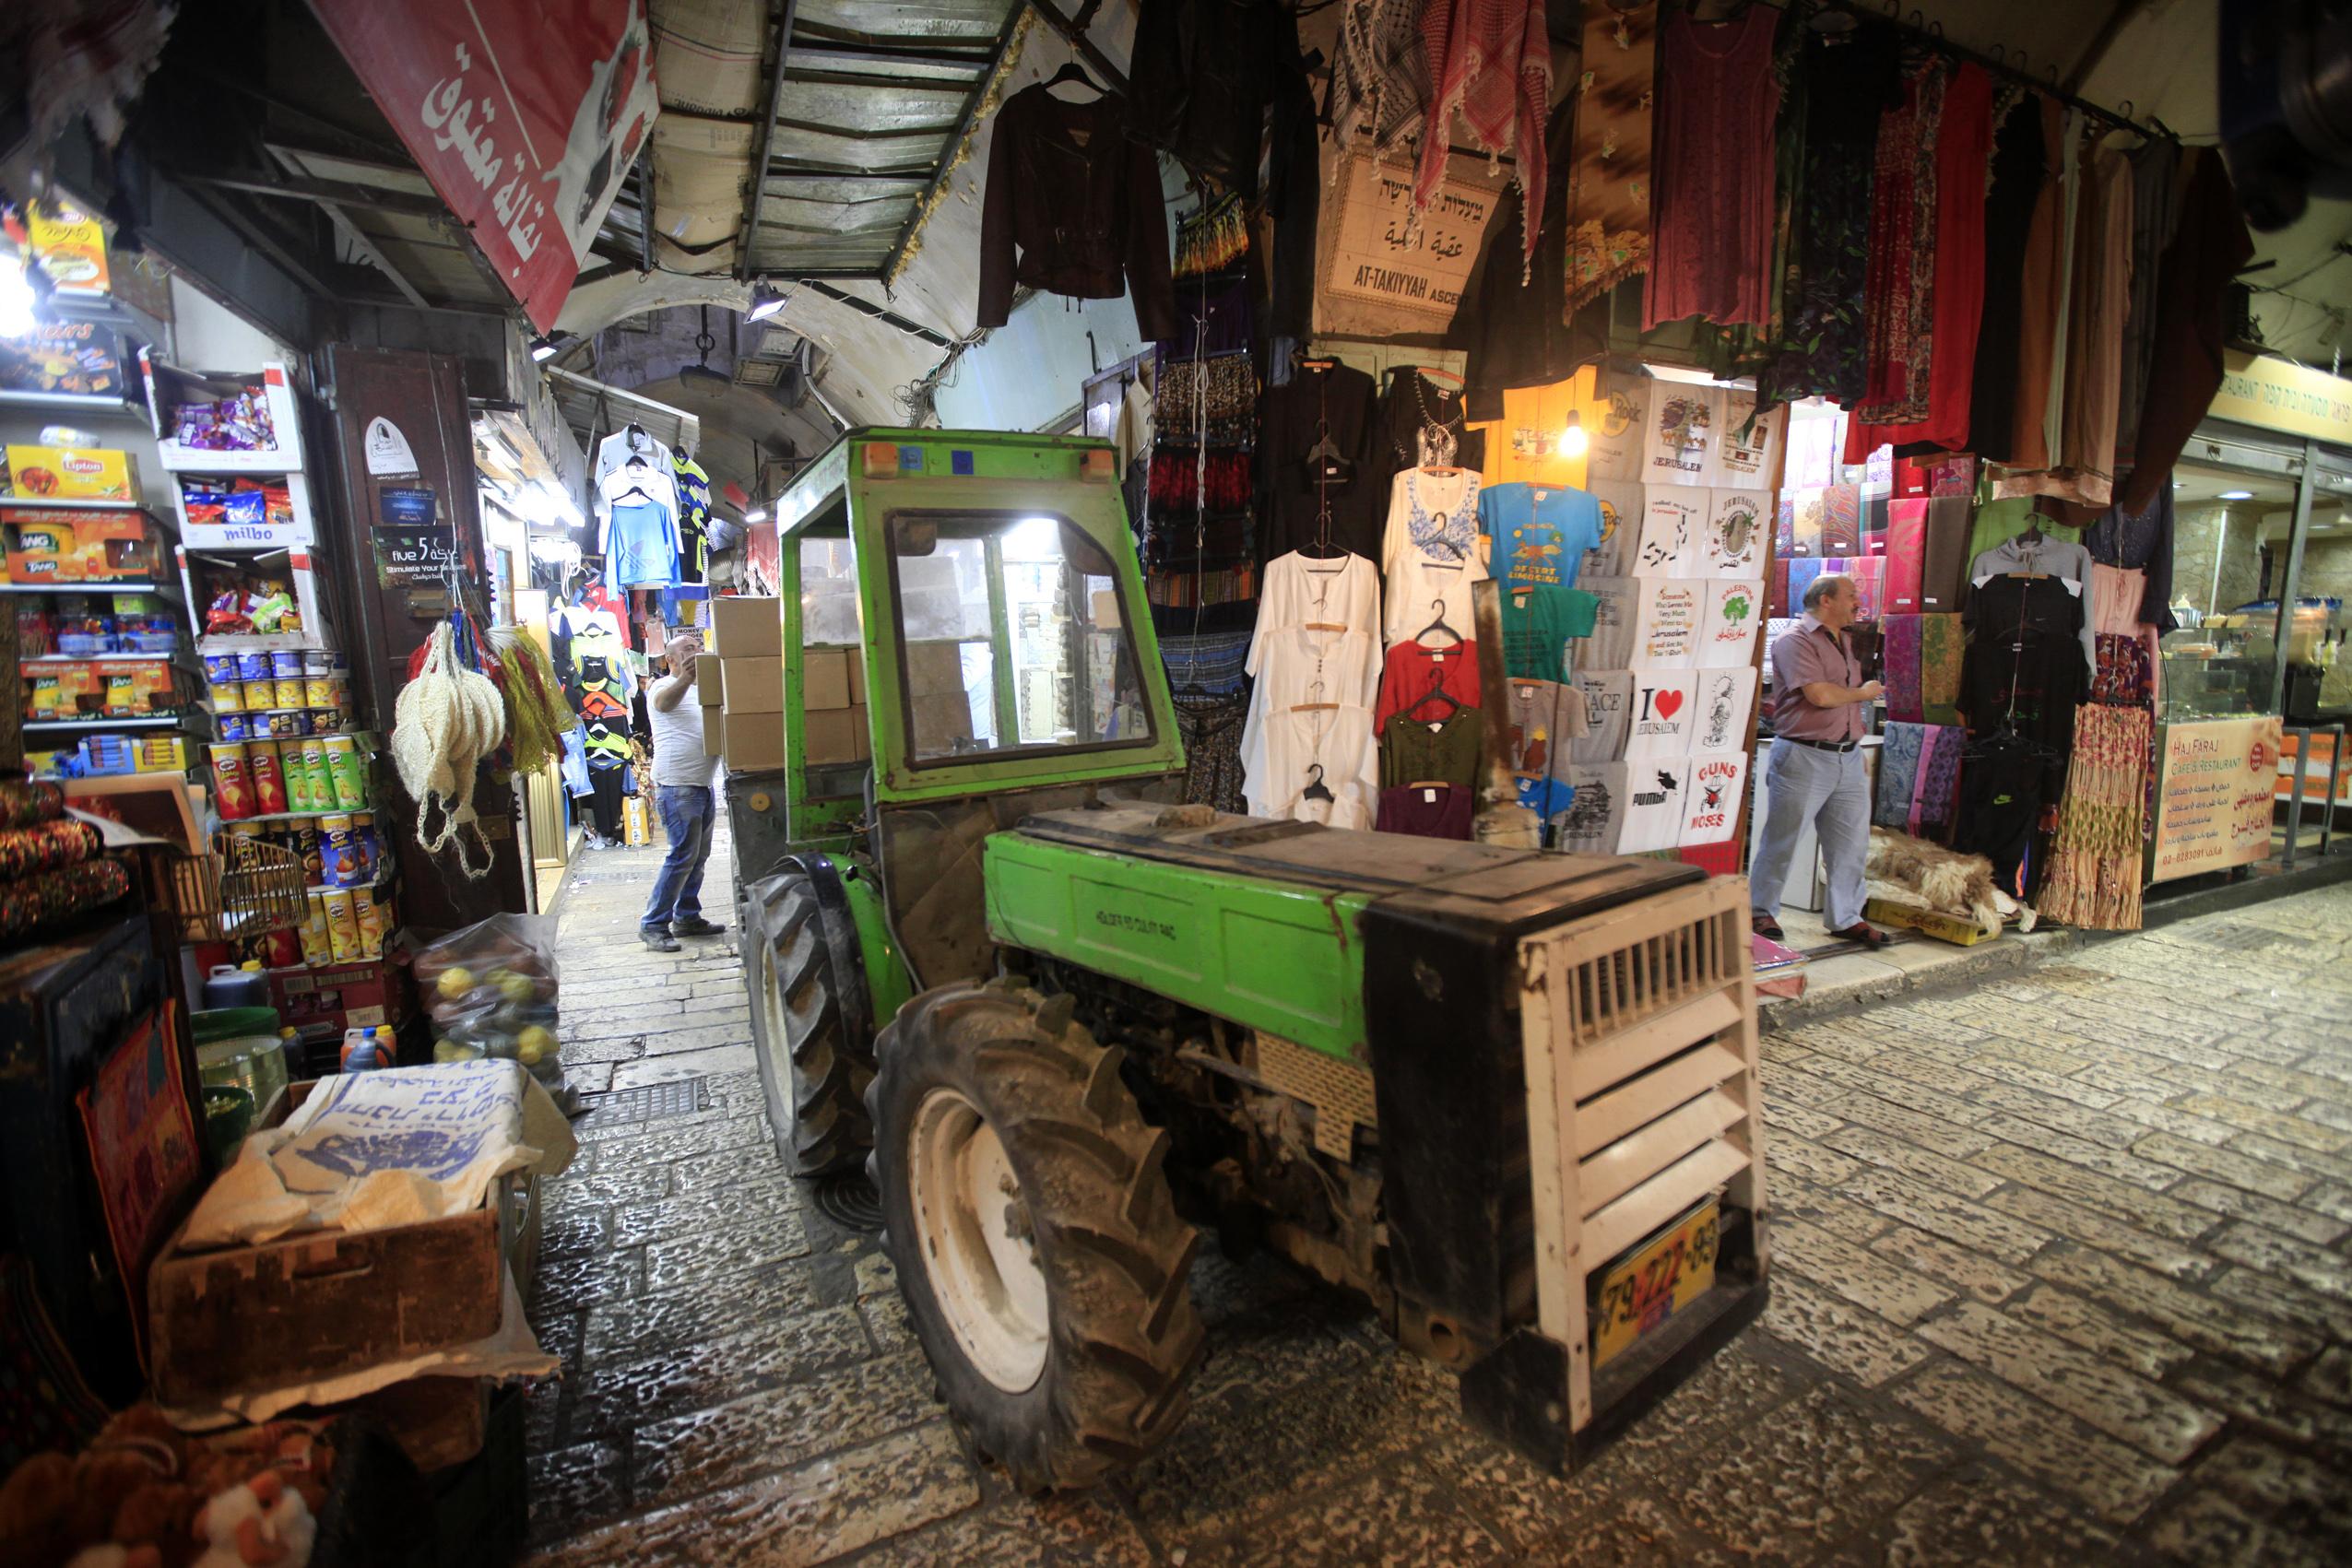 أسواق القدس تتراجع .. هوية مدينة القدس تتلاشى - صورة 3